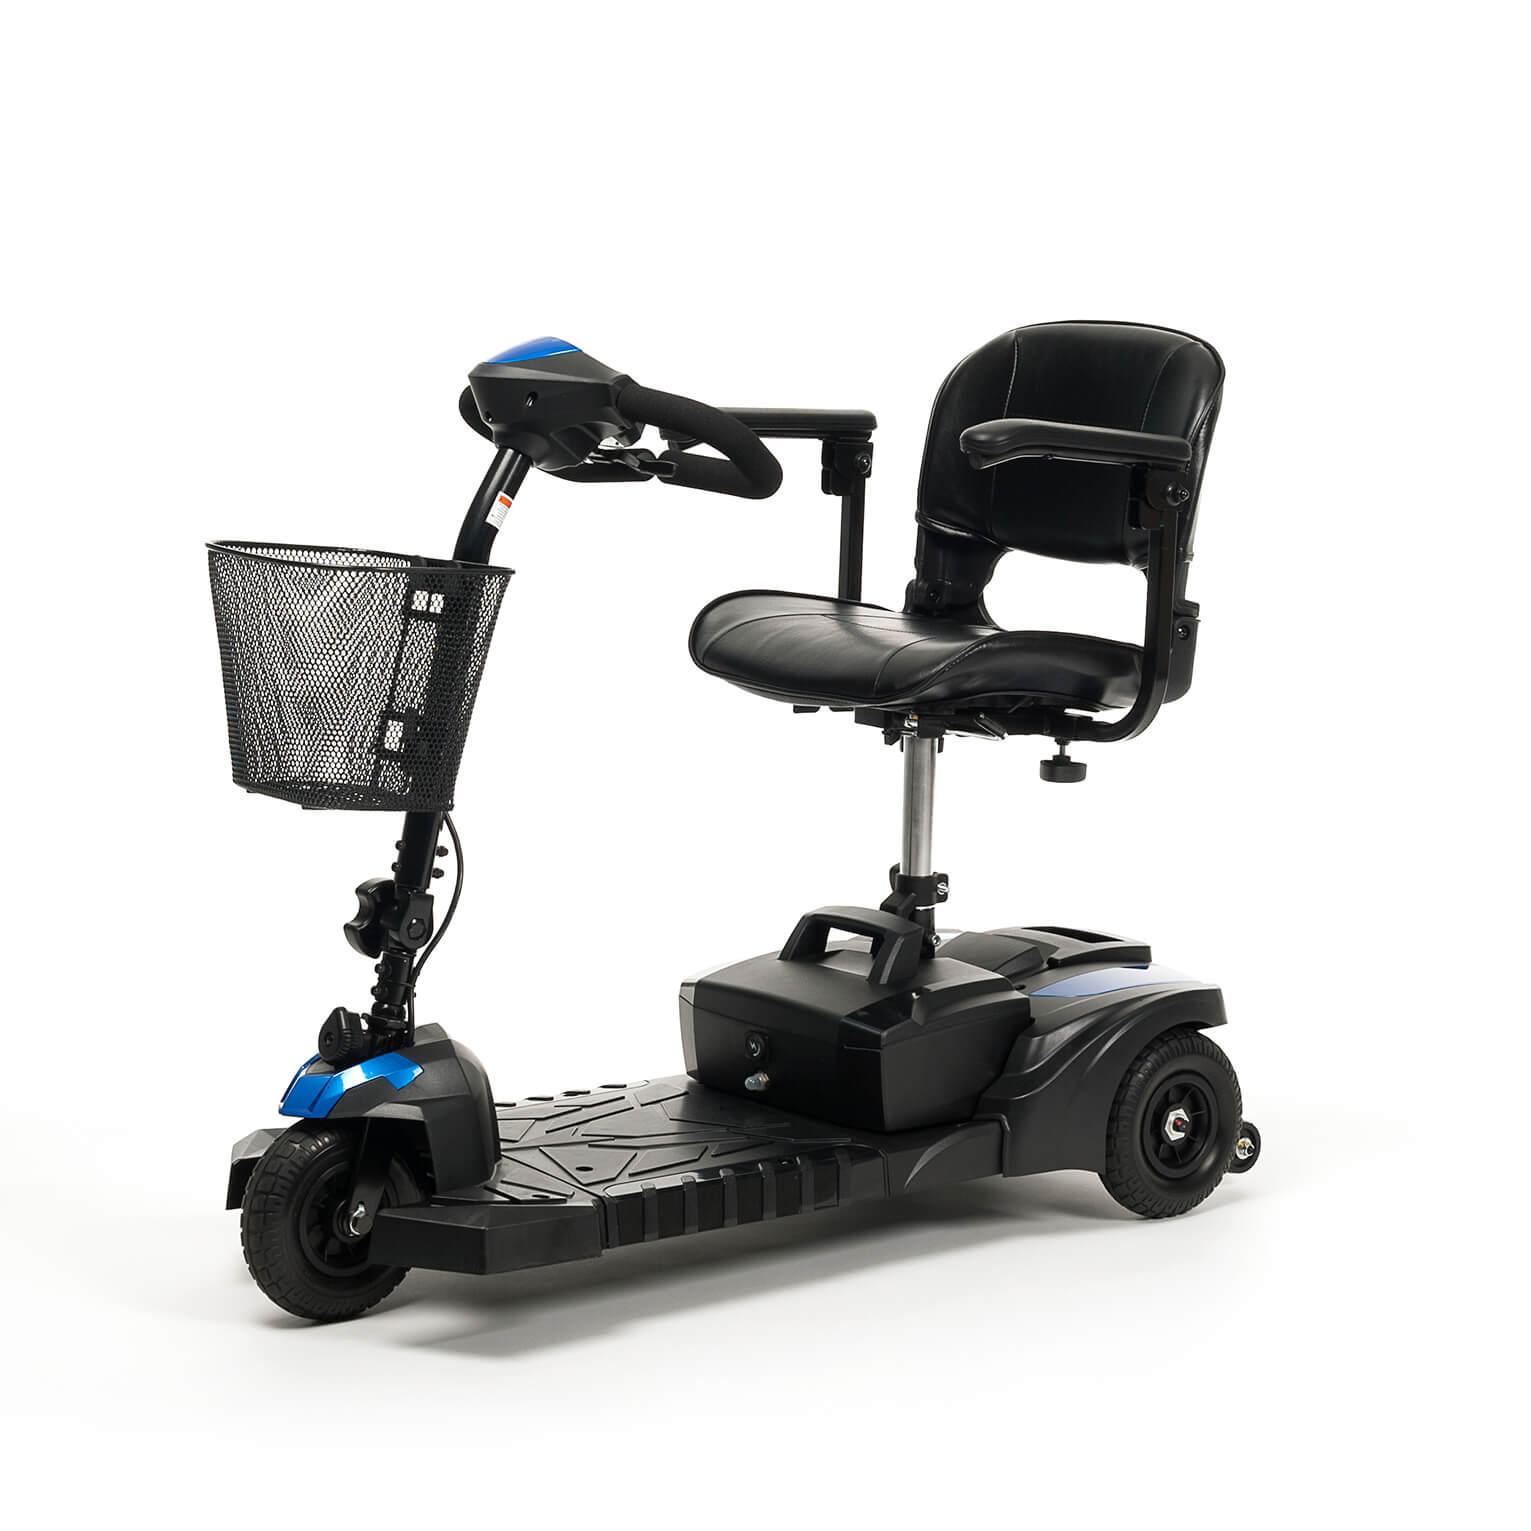 Scooter Elettrico Scooter Elettrico Venere 3